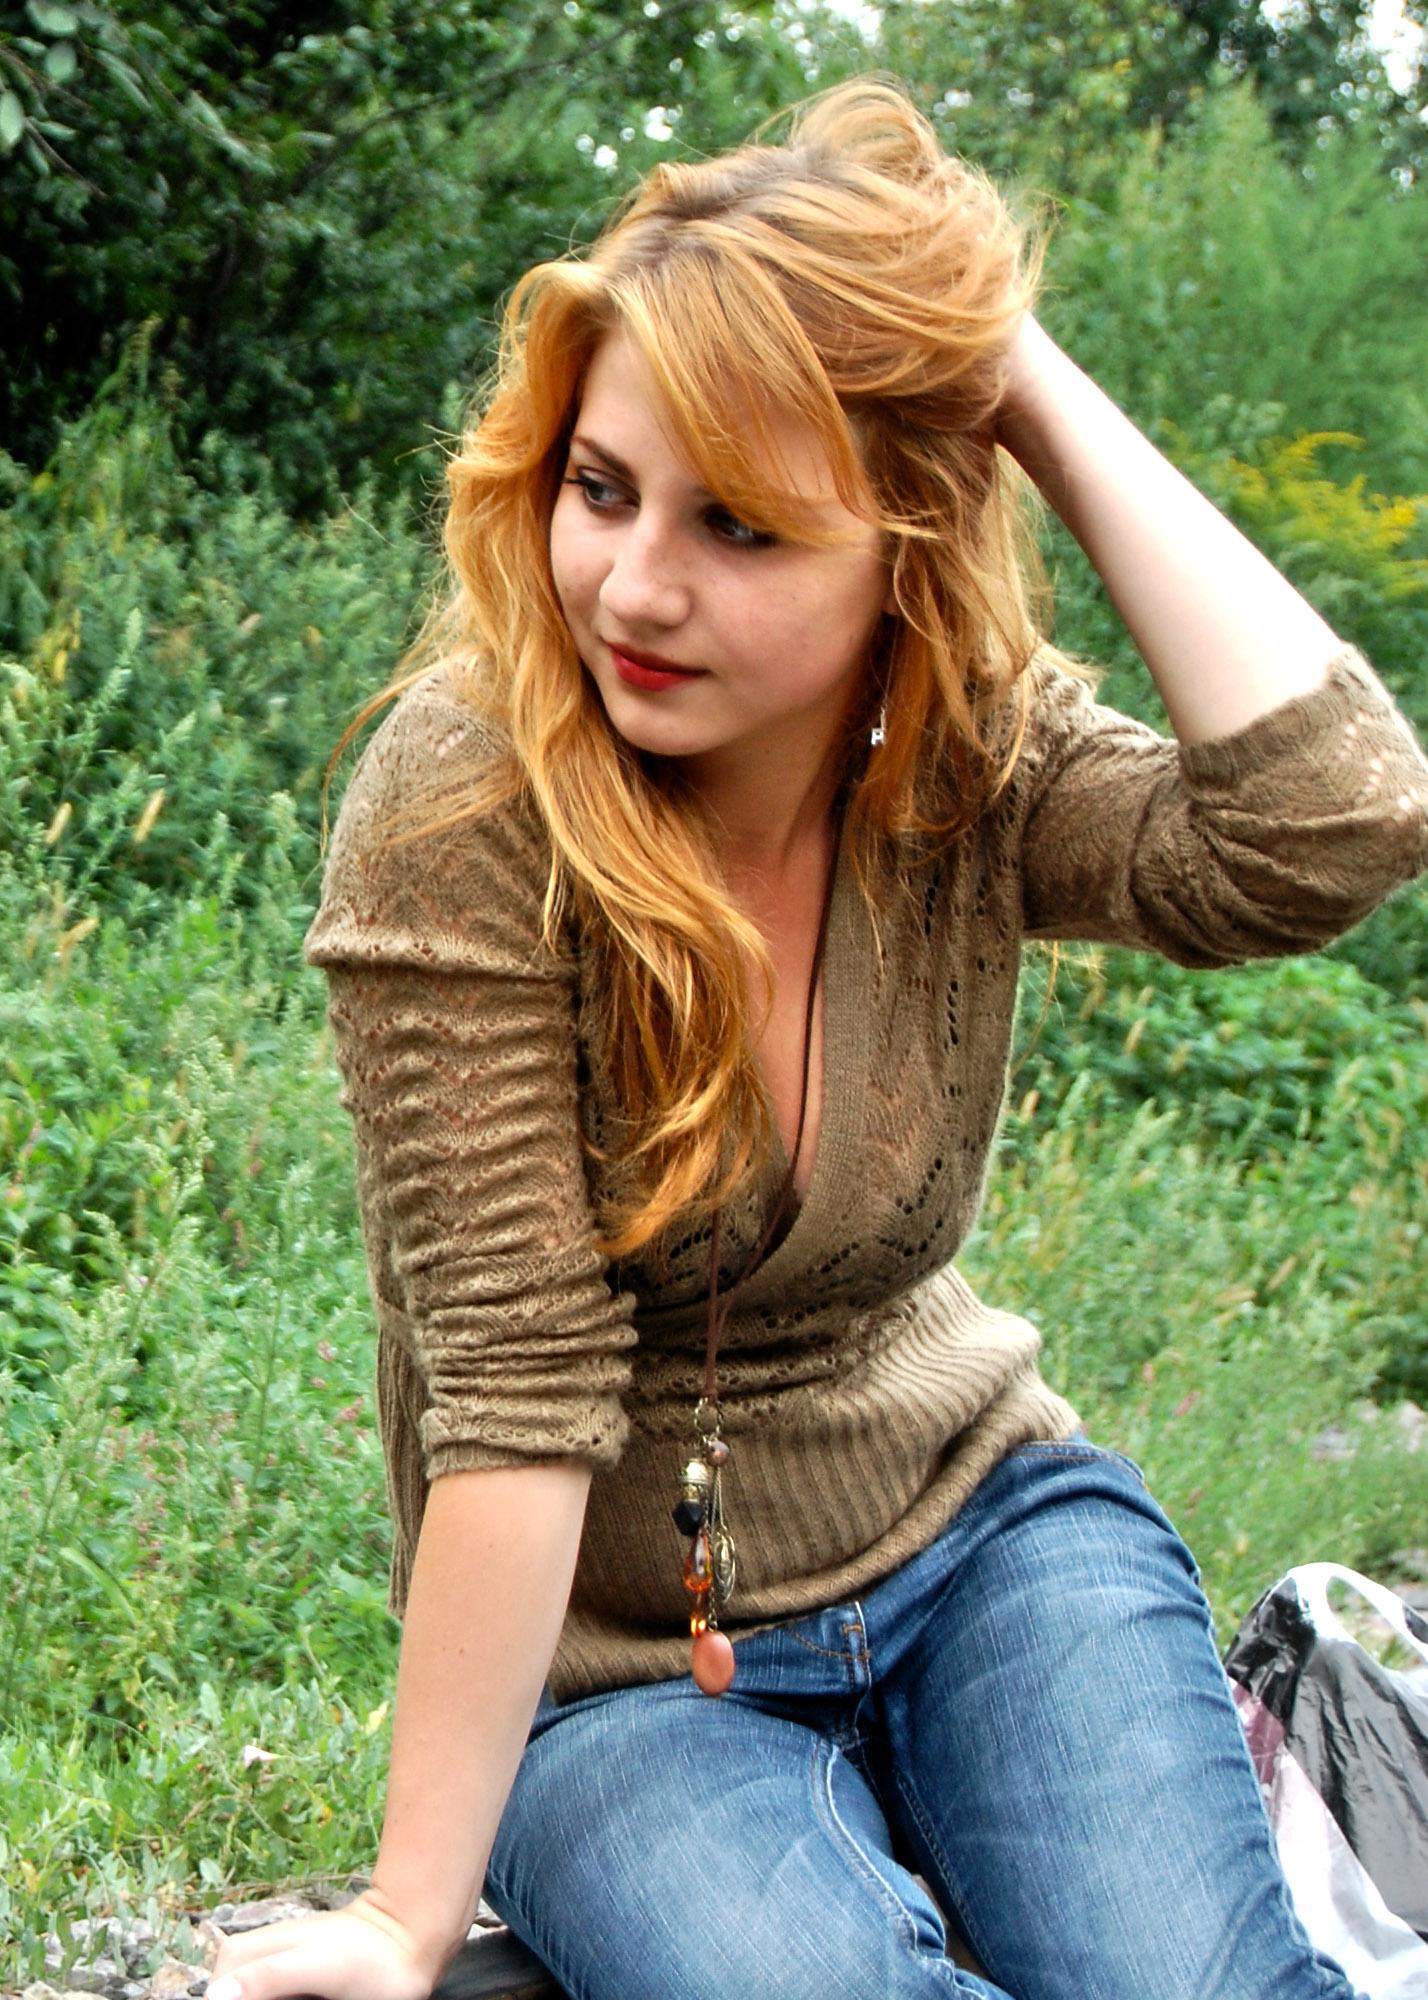 Светлорыжая дамочка в джинсах